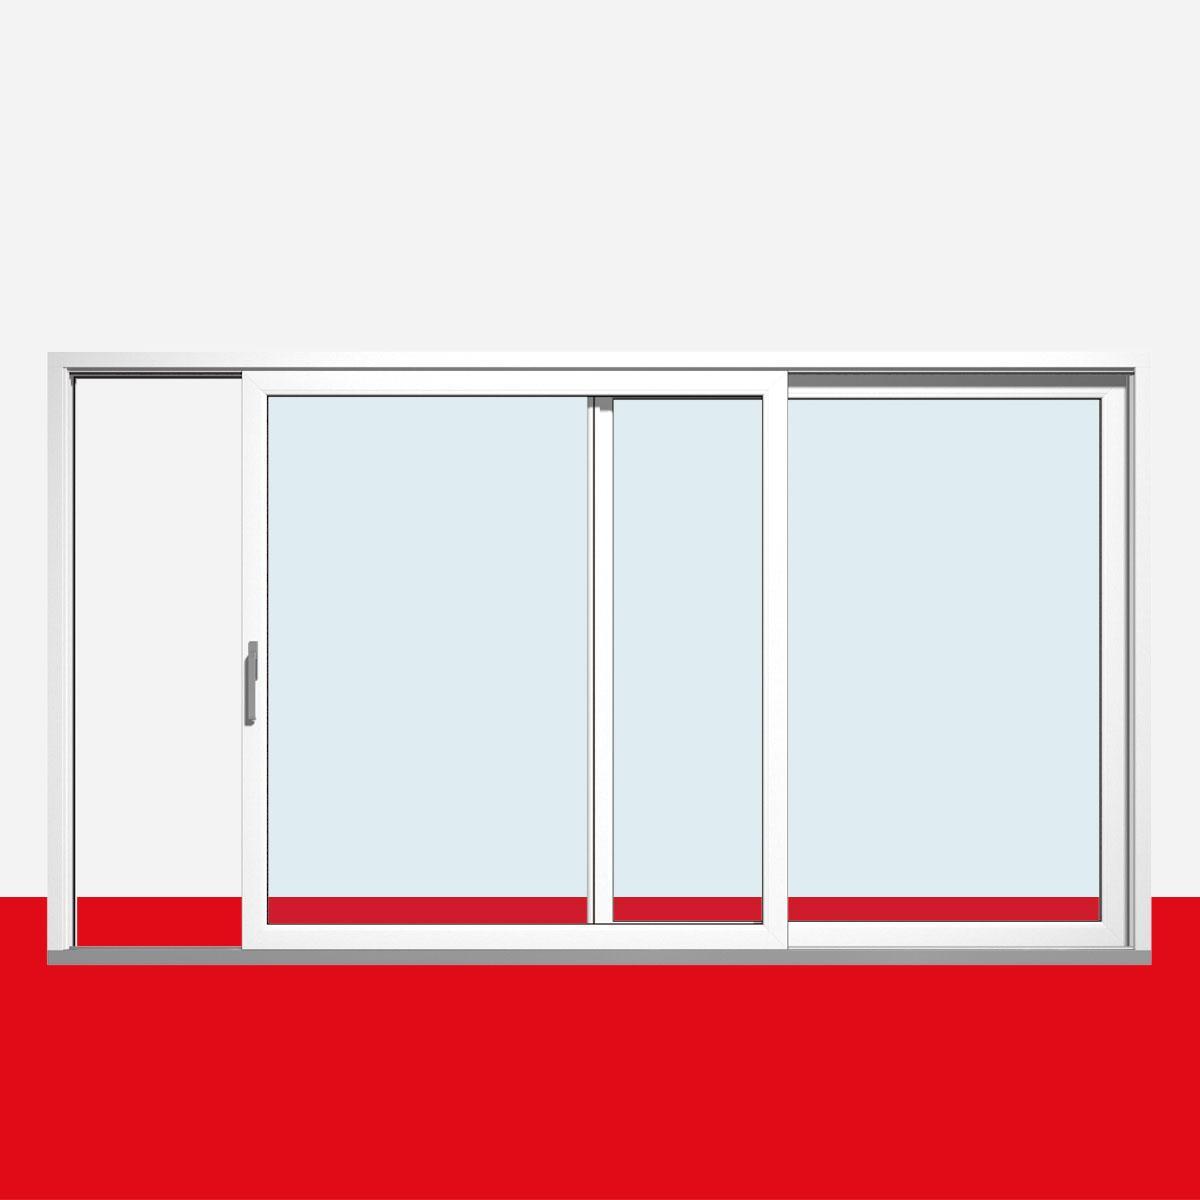 Top Hebe-Schiebe-Tür nach rechts öffnend, Breite 4000mm SG96